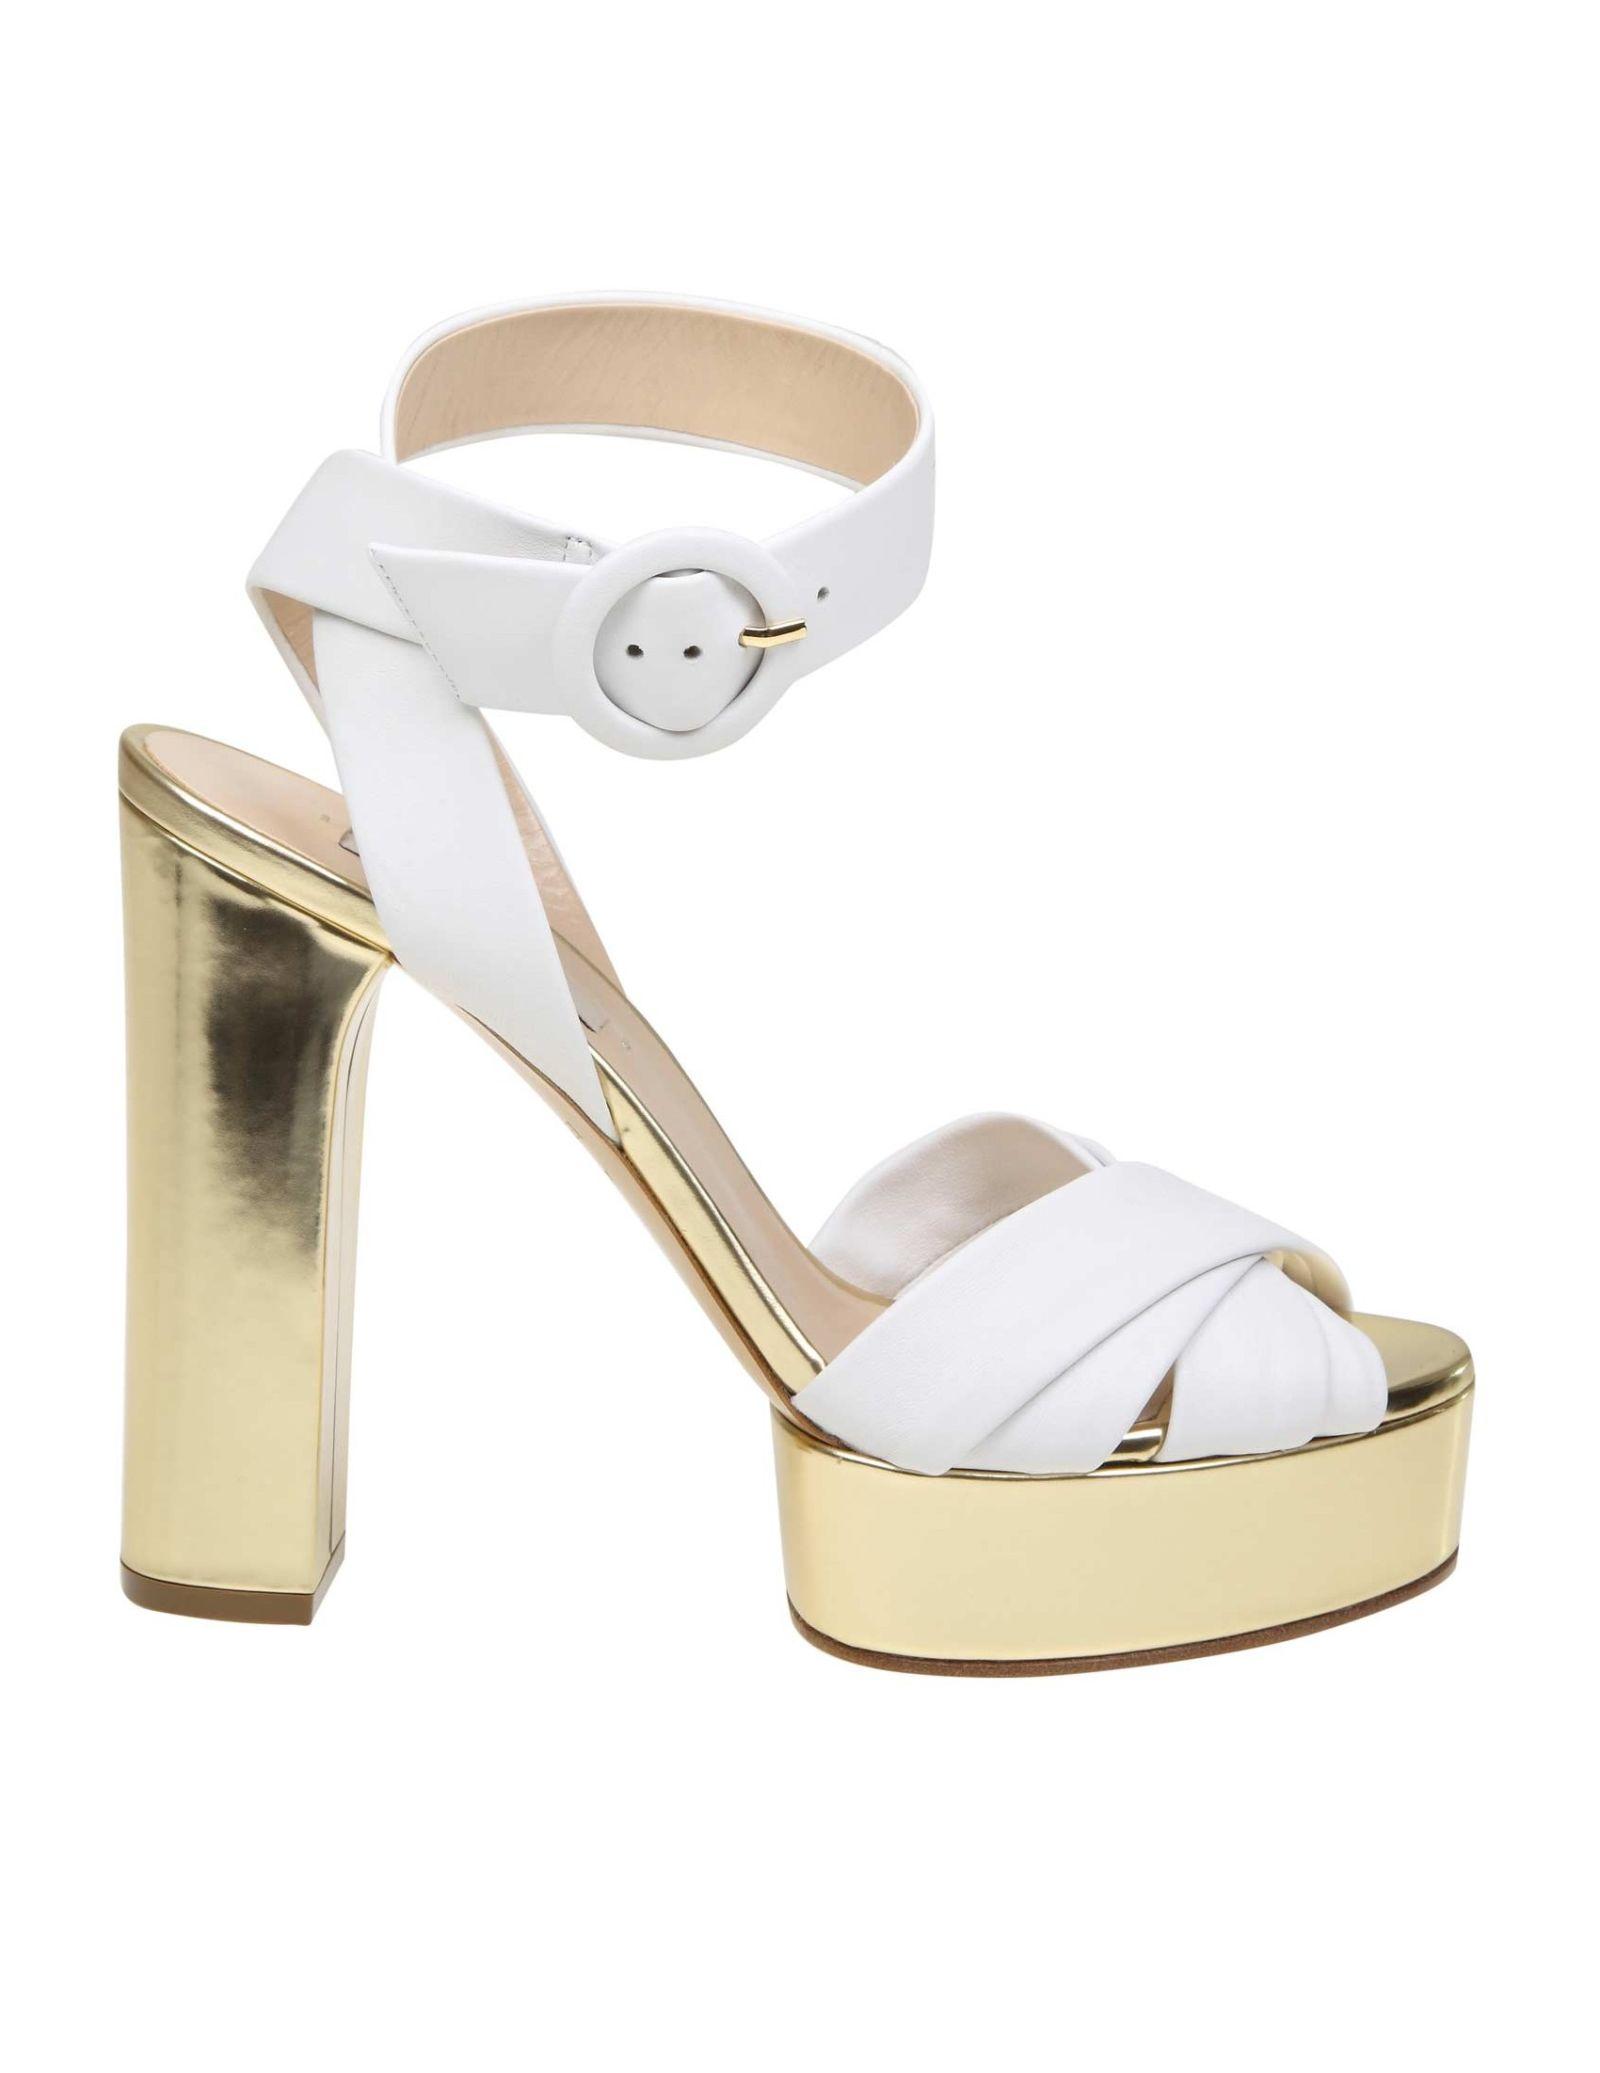 fe8feb42a4f31 Casadei Casadei White Nappa Sandals White Color - White   Gold ...